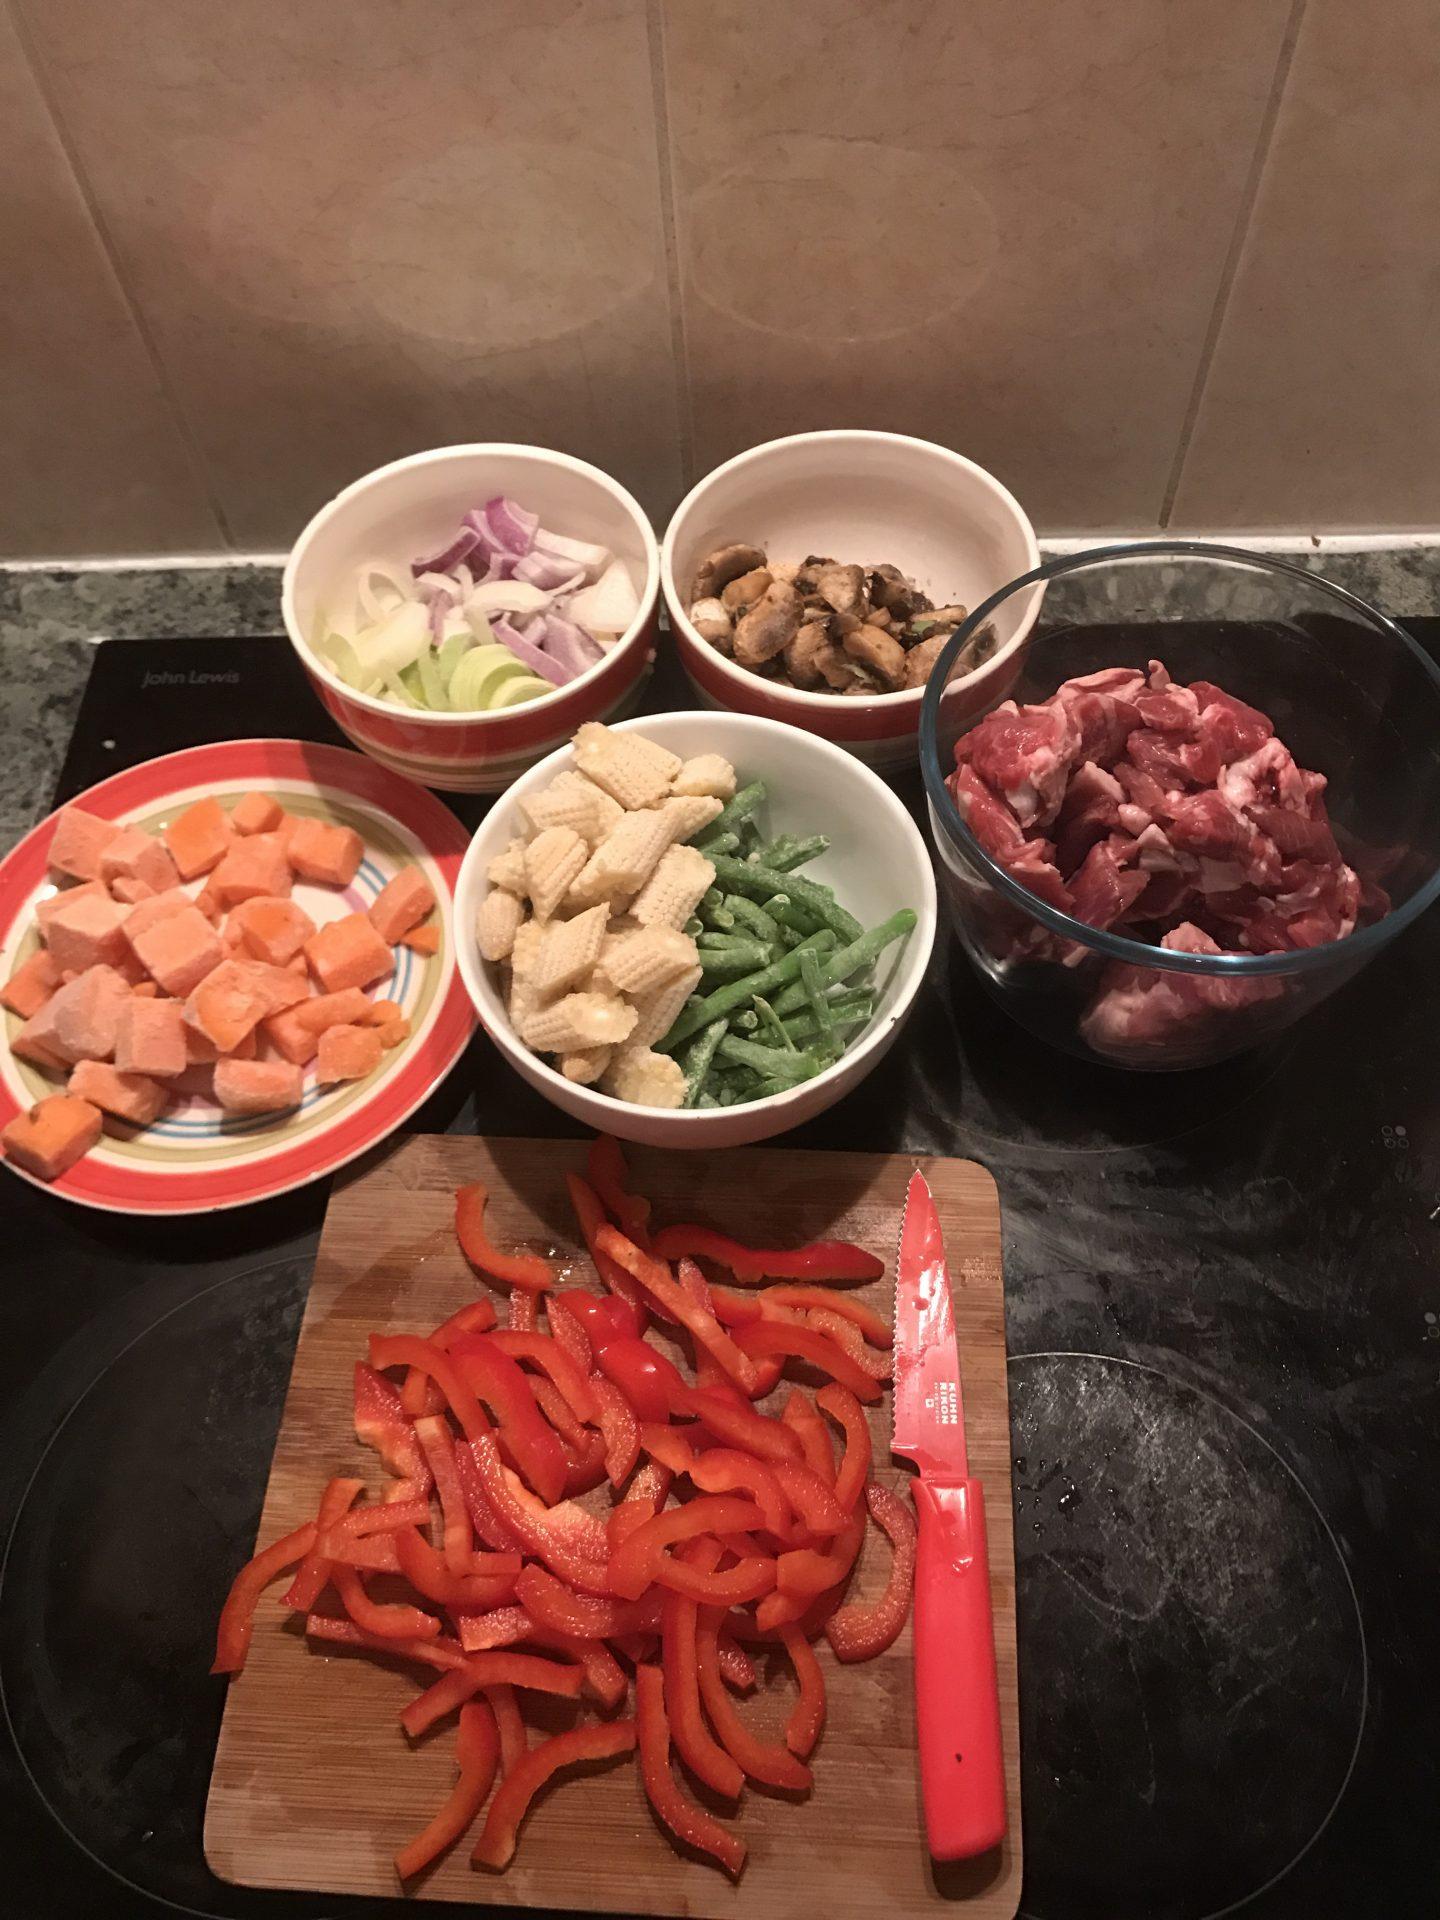 Minted Lamb Stir Fry - Ingedients